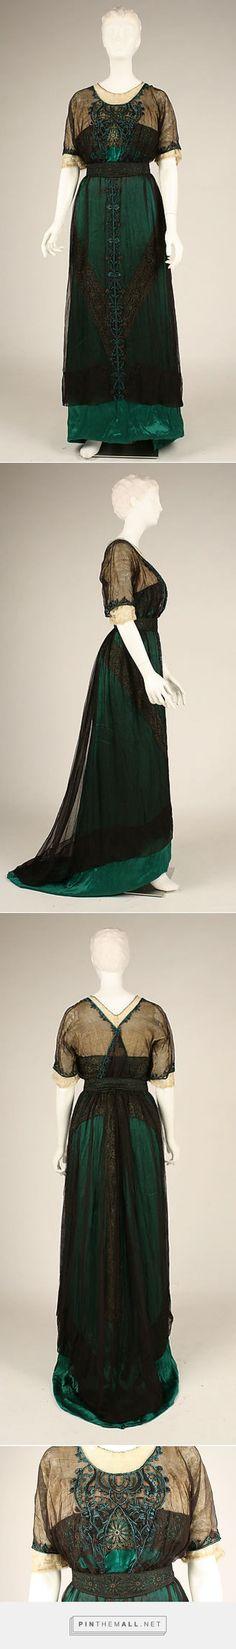 Dress ca. 1909 American | The Metropolitan Museum of Art